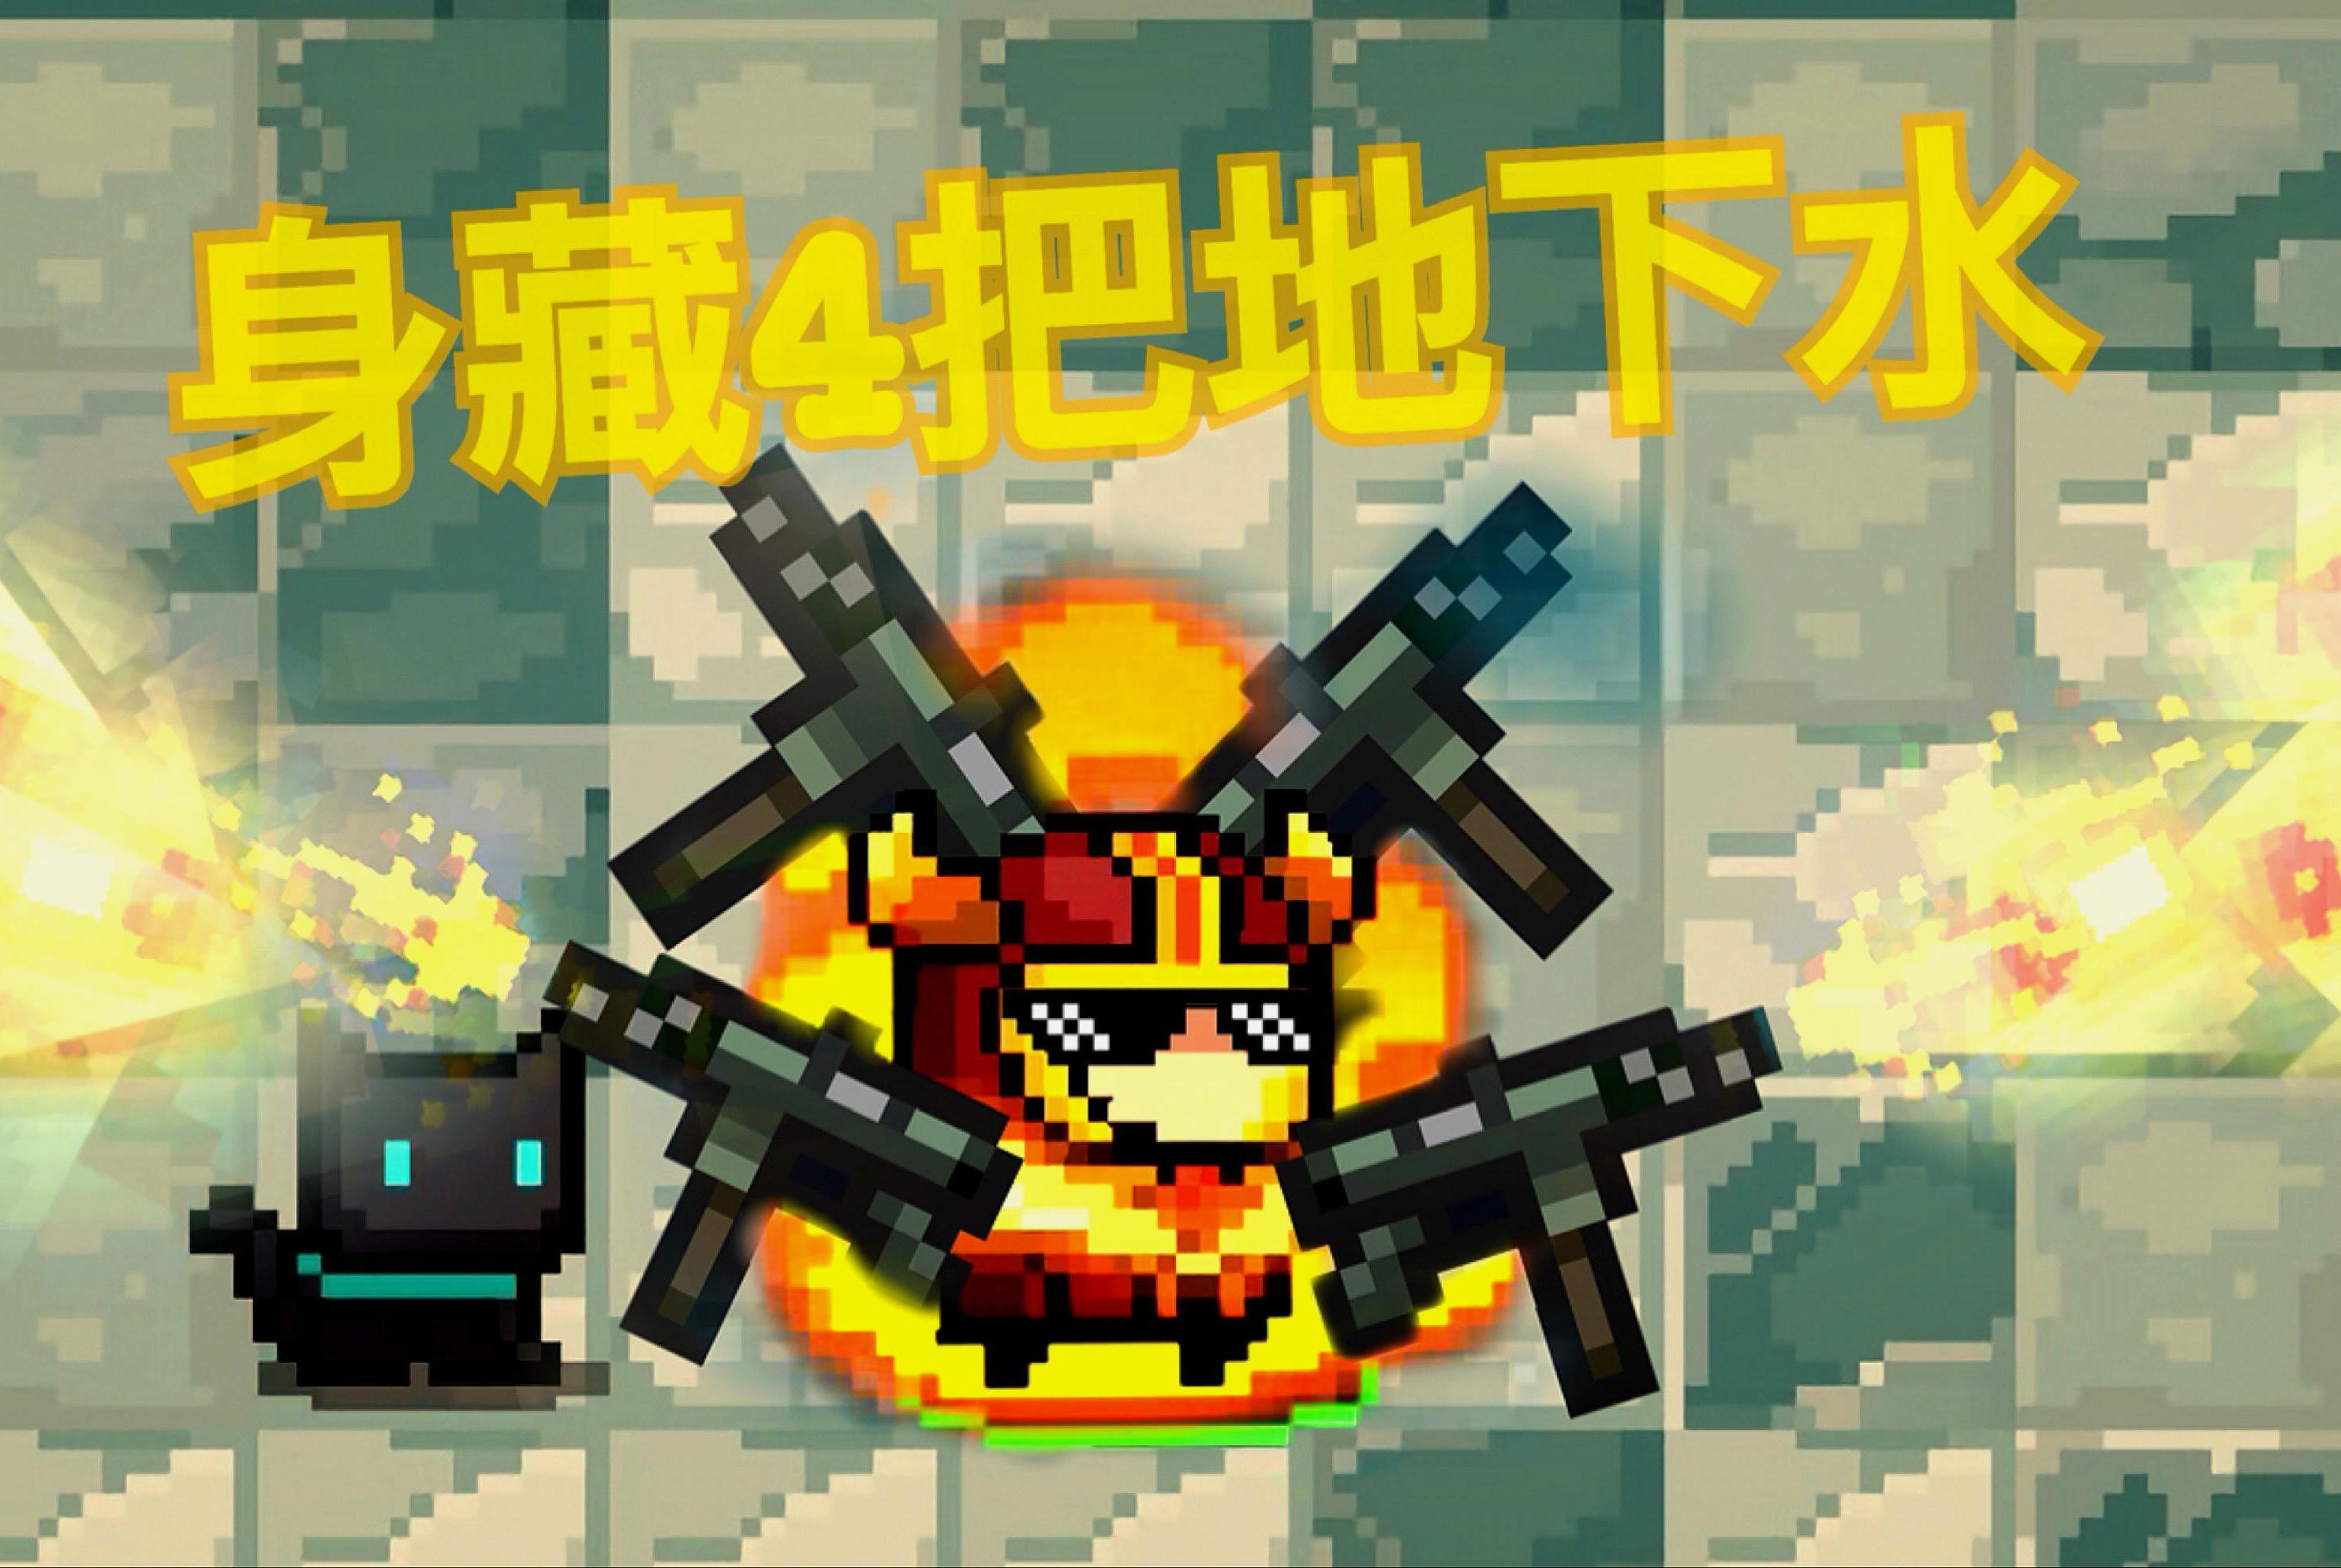 元气骑士:小武器玩出大花样,这些被萌新嫌弃的白武也能拿来通关